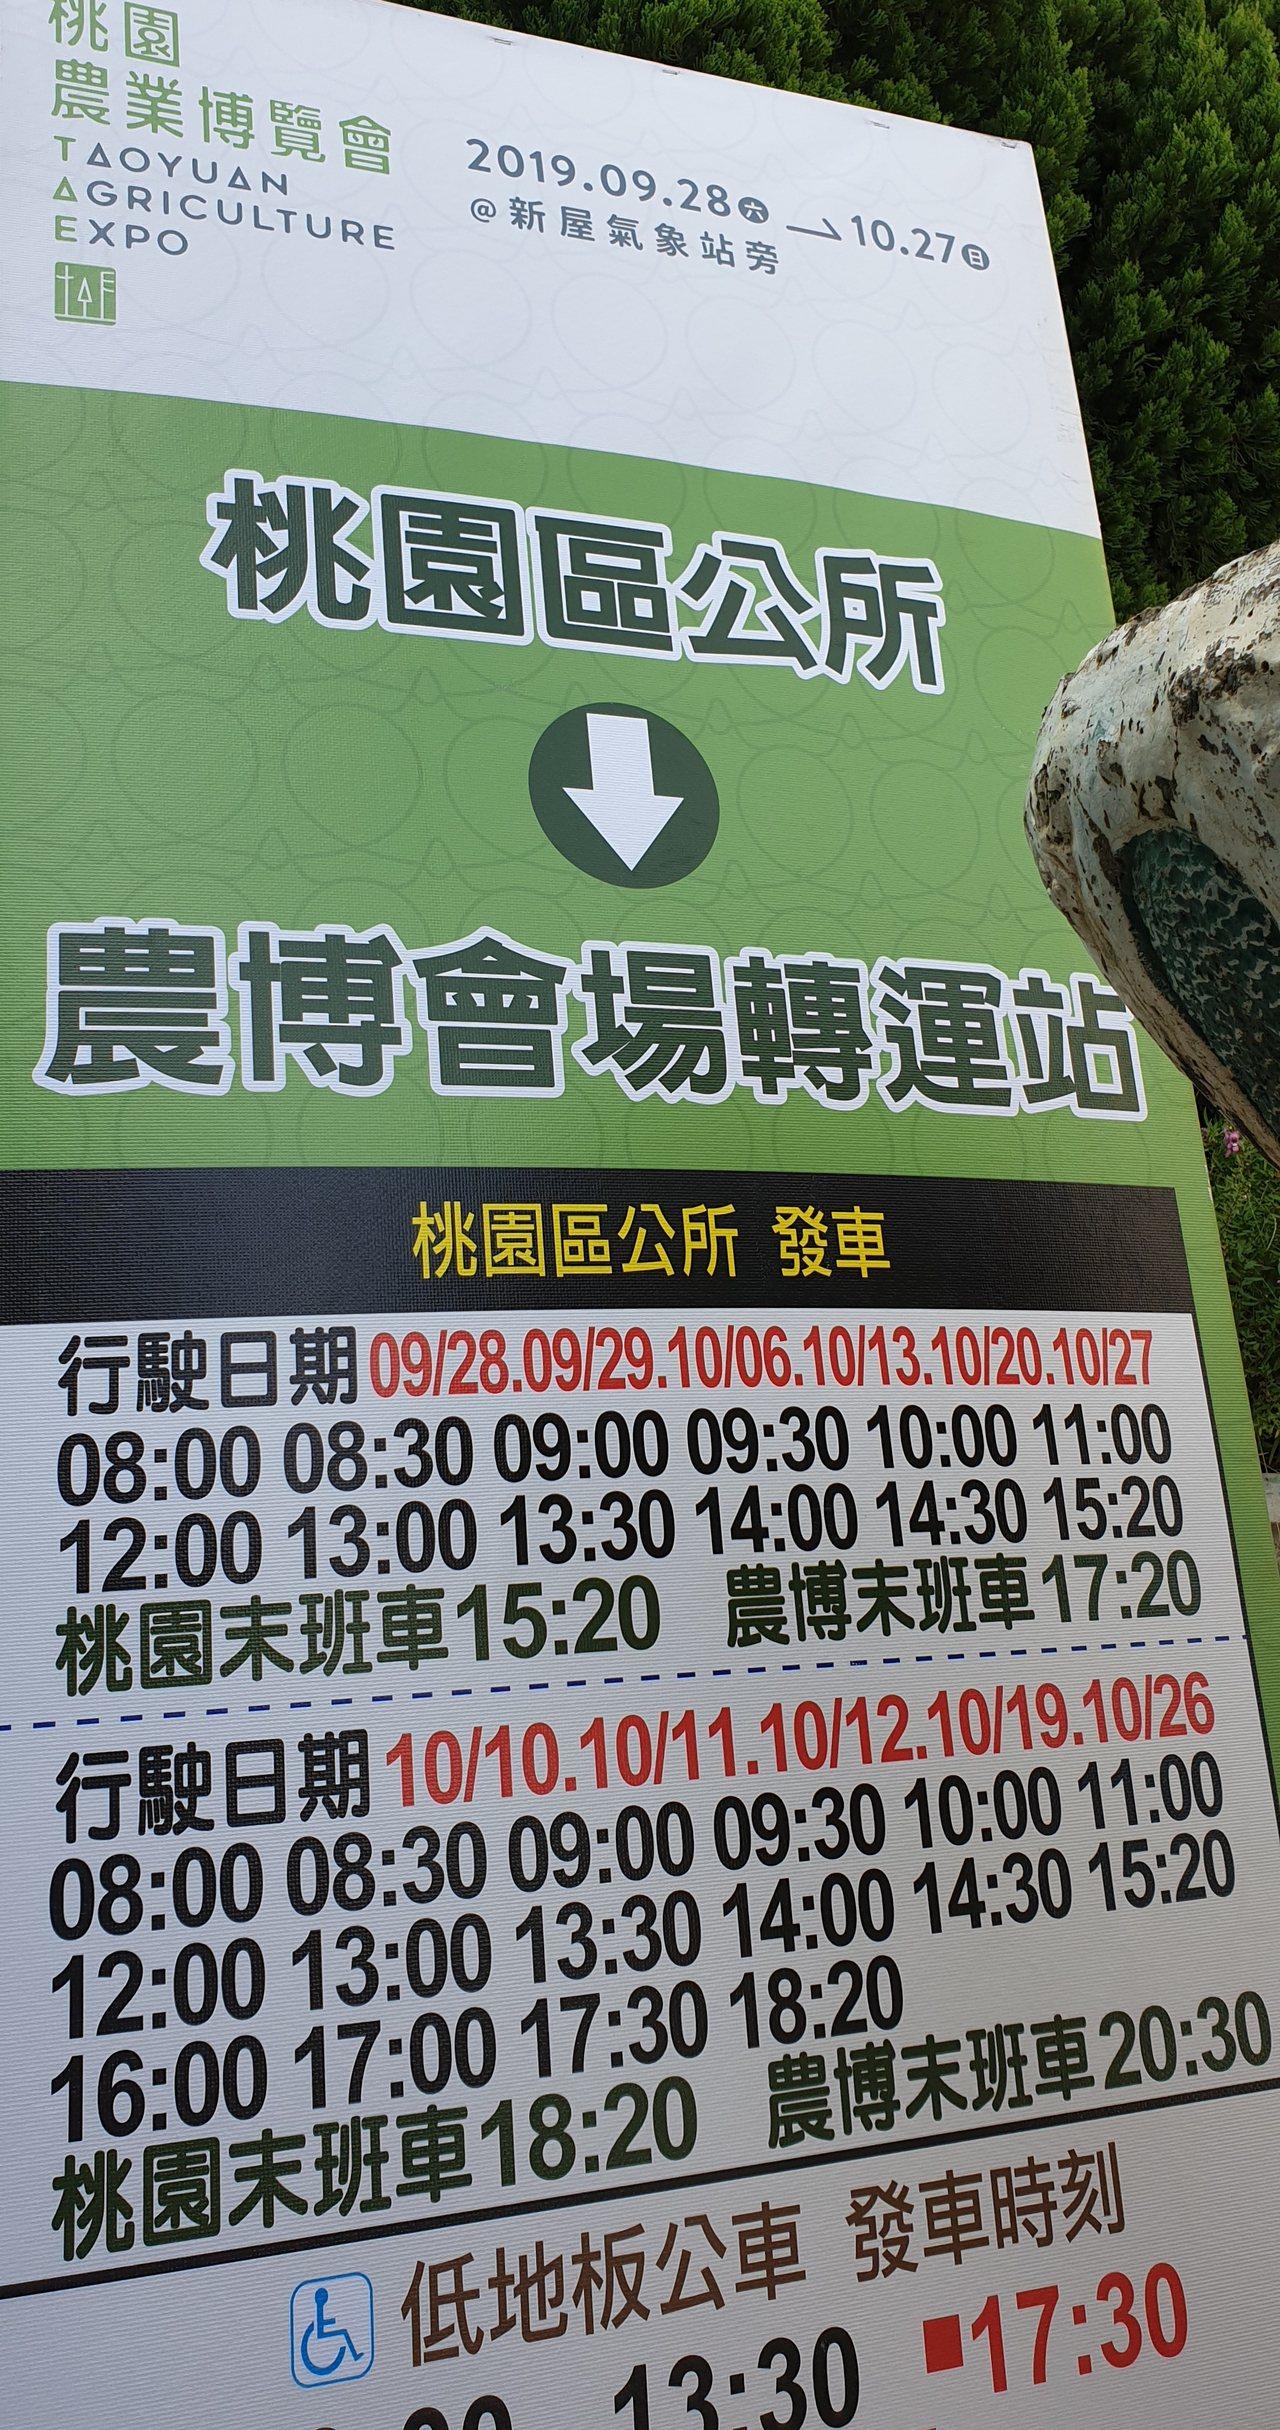 桃園農博展期至10月27日(周日),桃園區公所假日有專車接駁。記者鄭國樑/攝影